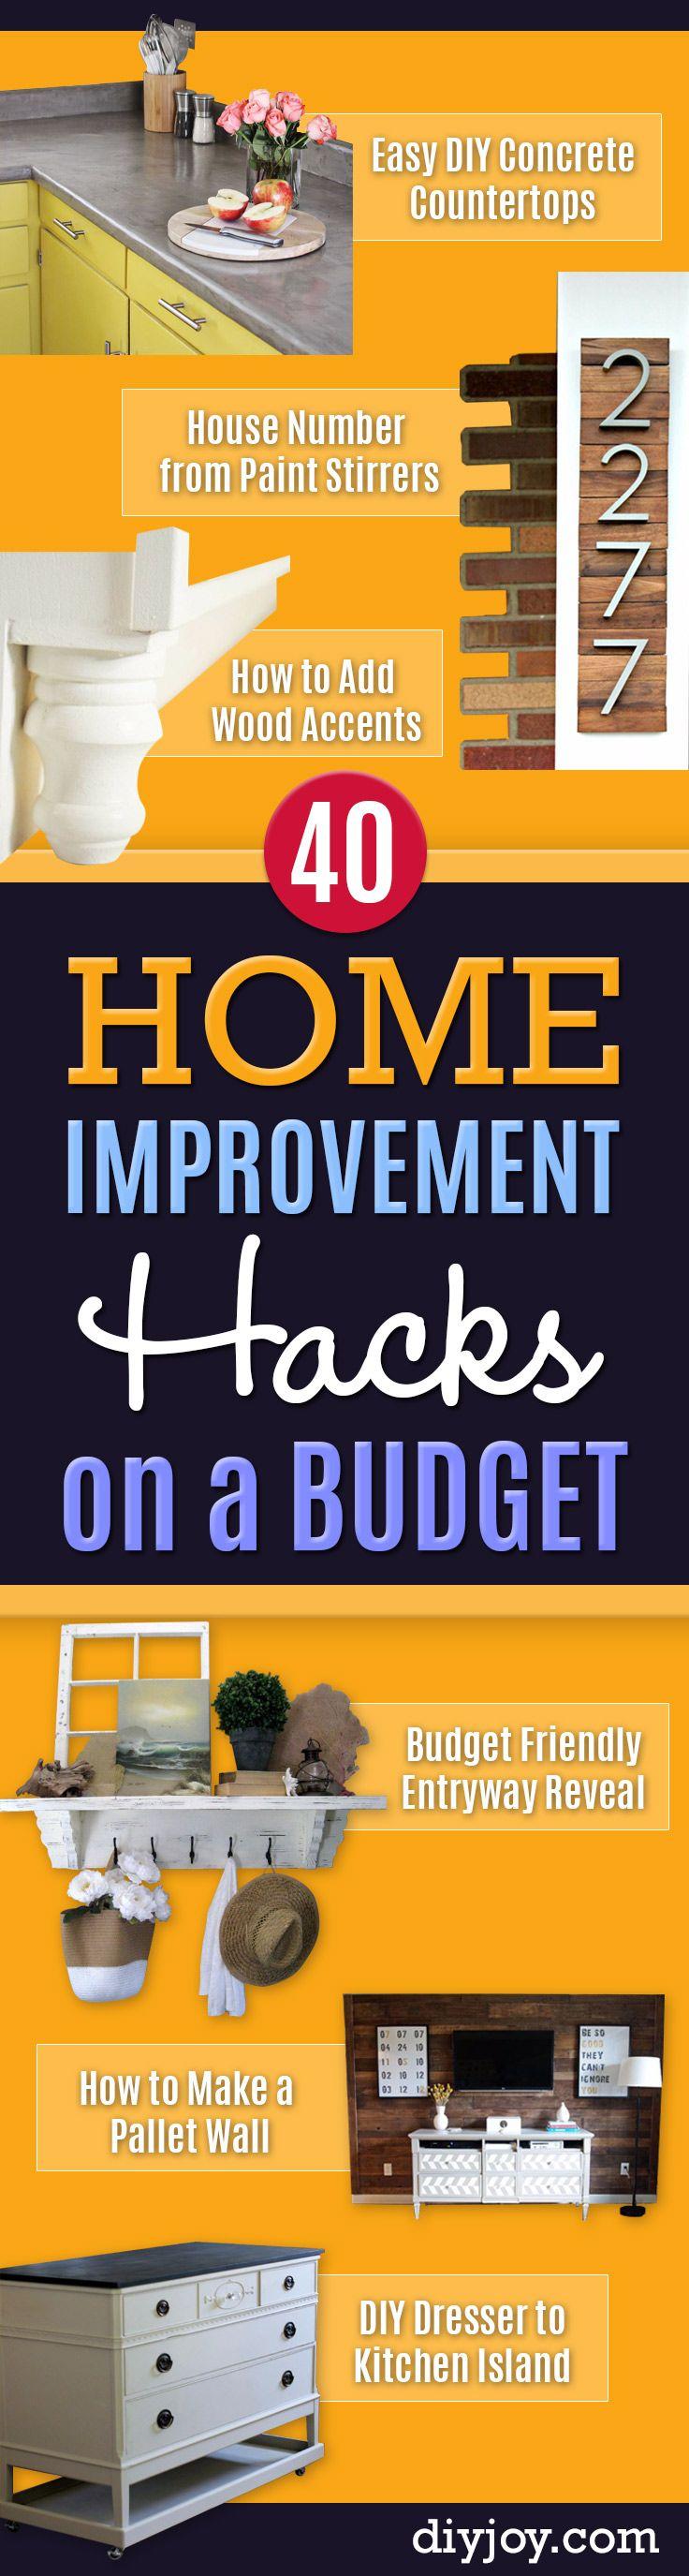 Les 547 meilleures images du tableau diy joy sur pinterest 40 home improvement ideas for those on a serious budget solutioingenieria Gallery